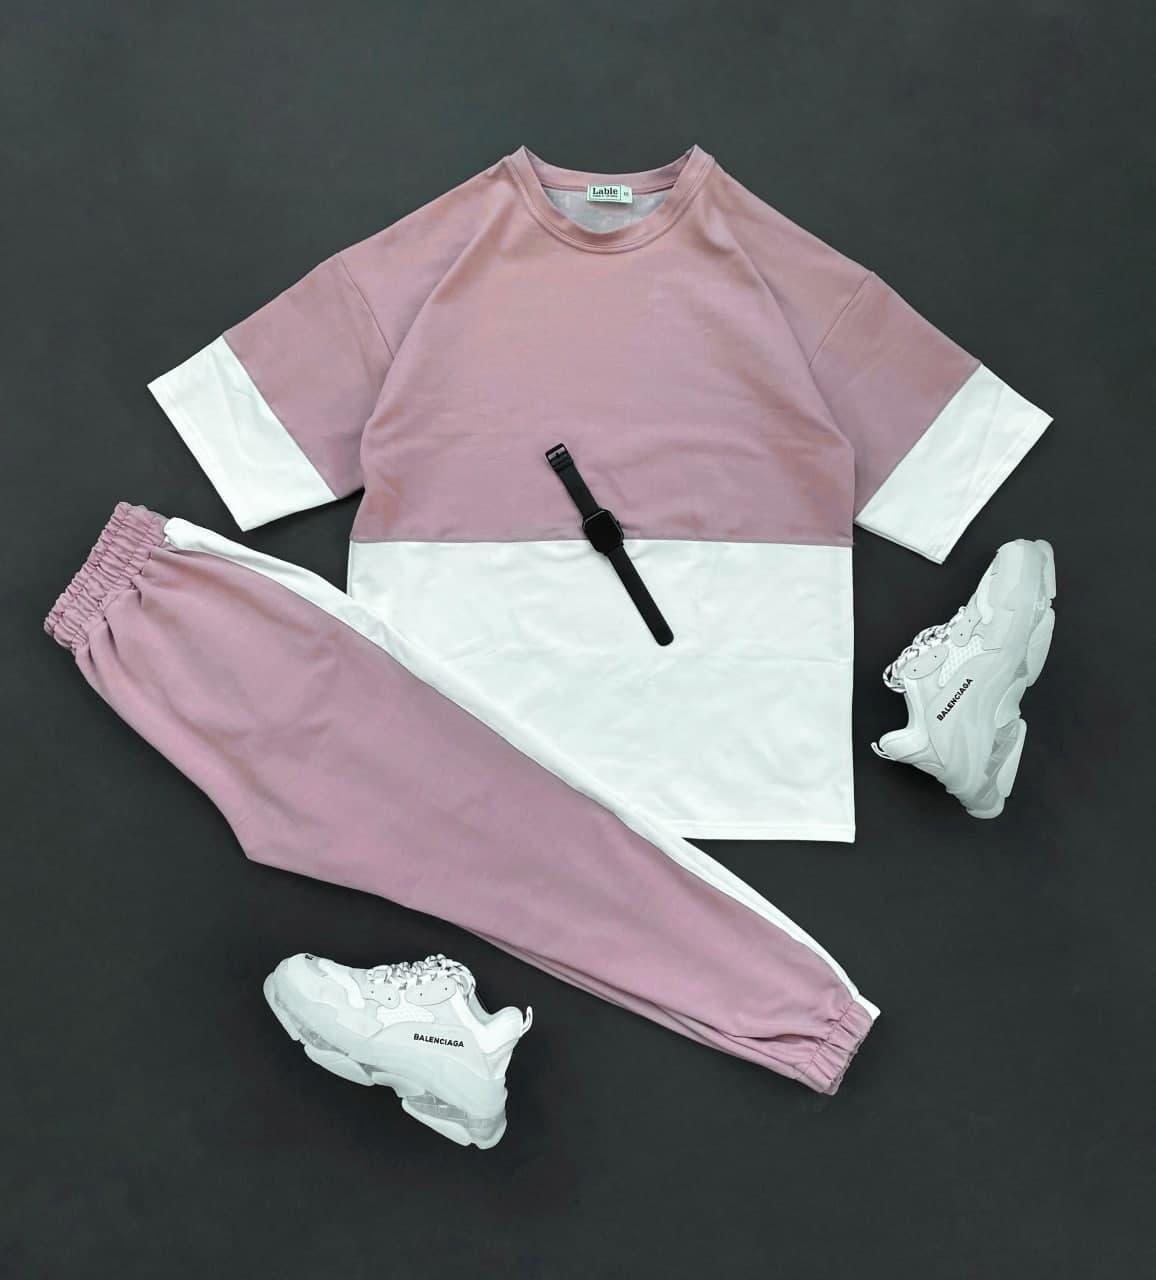 Чоловічий комплект шорти + футболка (пудра) різнобарвна на літо sk71